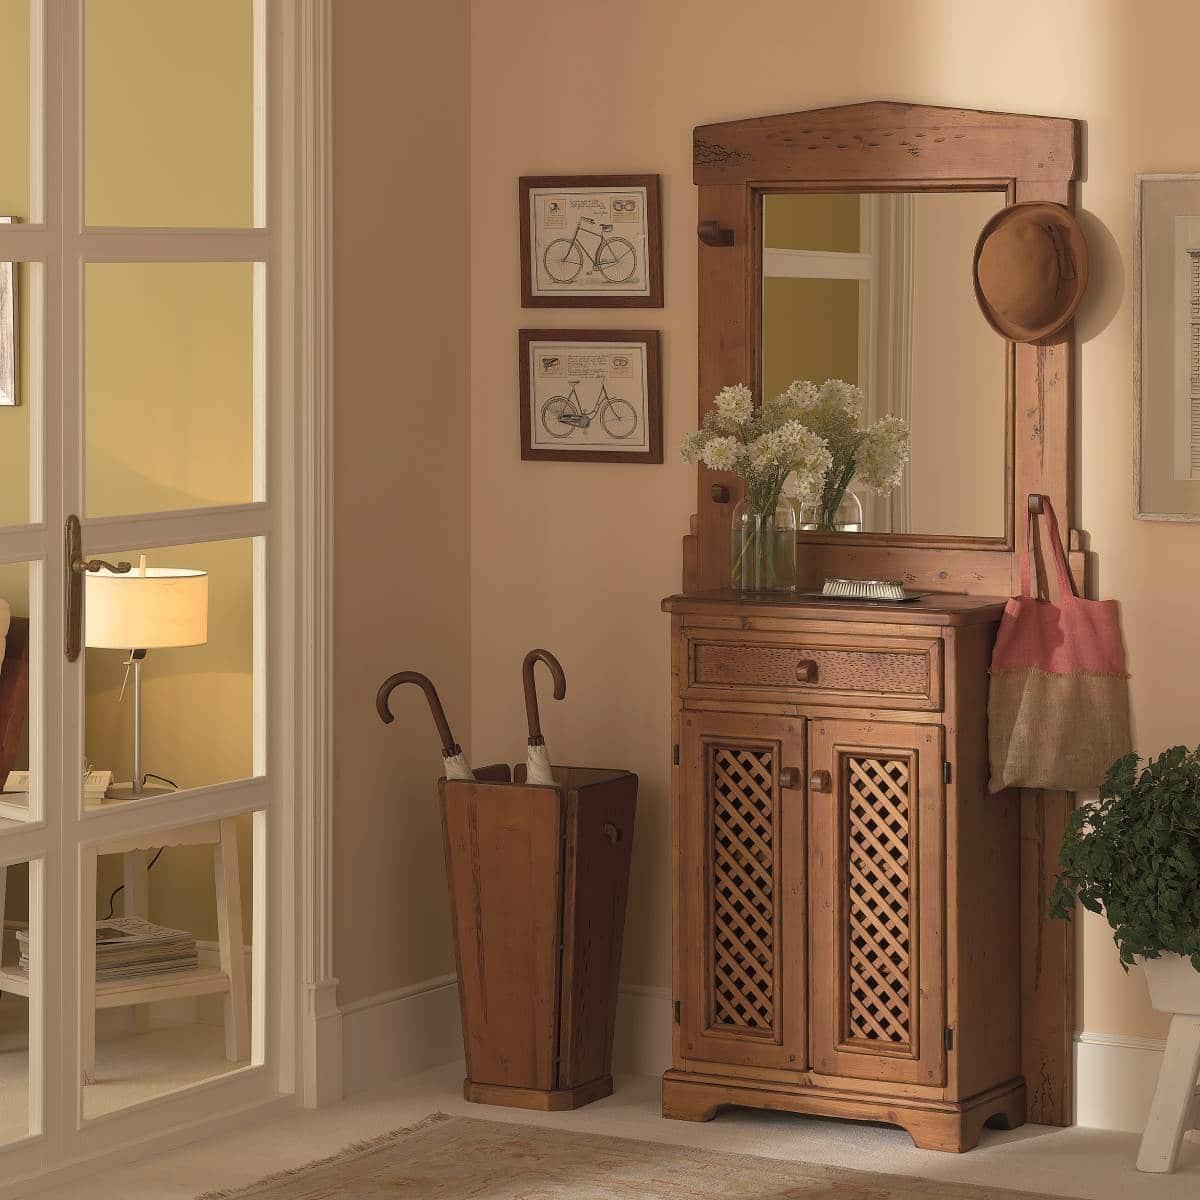 Recibidor r stico con puertas ecor stico venta de muebles - Armarios entrada recibidor ...